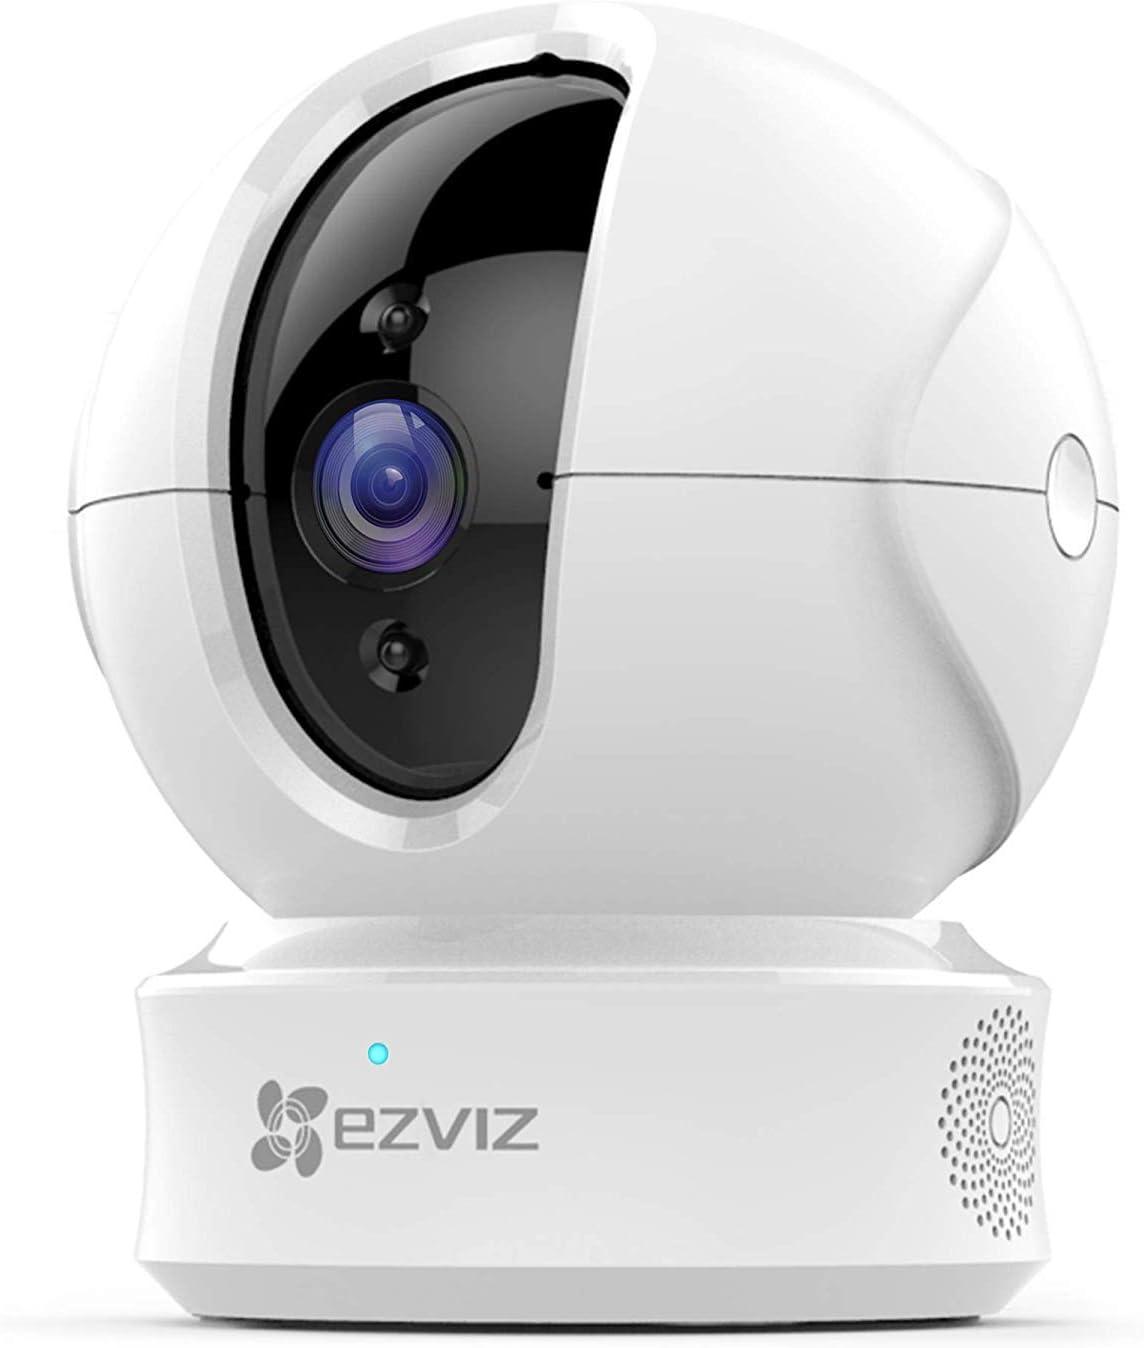 Ezviz C6cn 1080p Fhd Überwachungskameras Wlan Lan Dome Schwenk Neige Kamera Mit Nachtsicht Zwei Wege Audio Baby Monitor Smart Tracking Smart Privacy Mask Cloud Service Kompatibel Mit Alexa Baumarkt